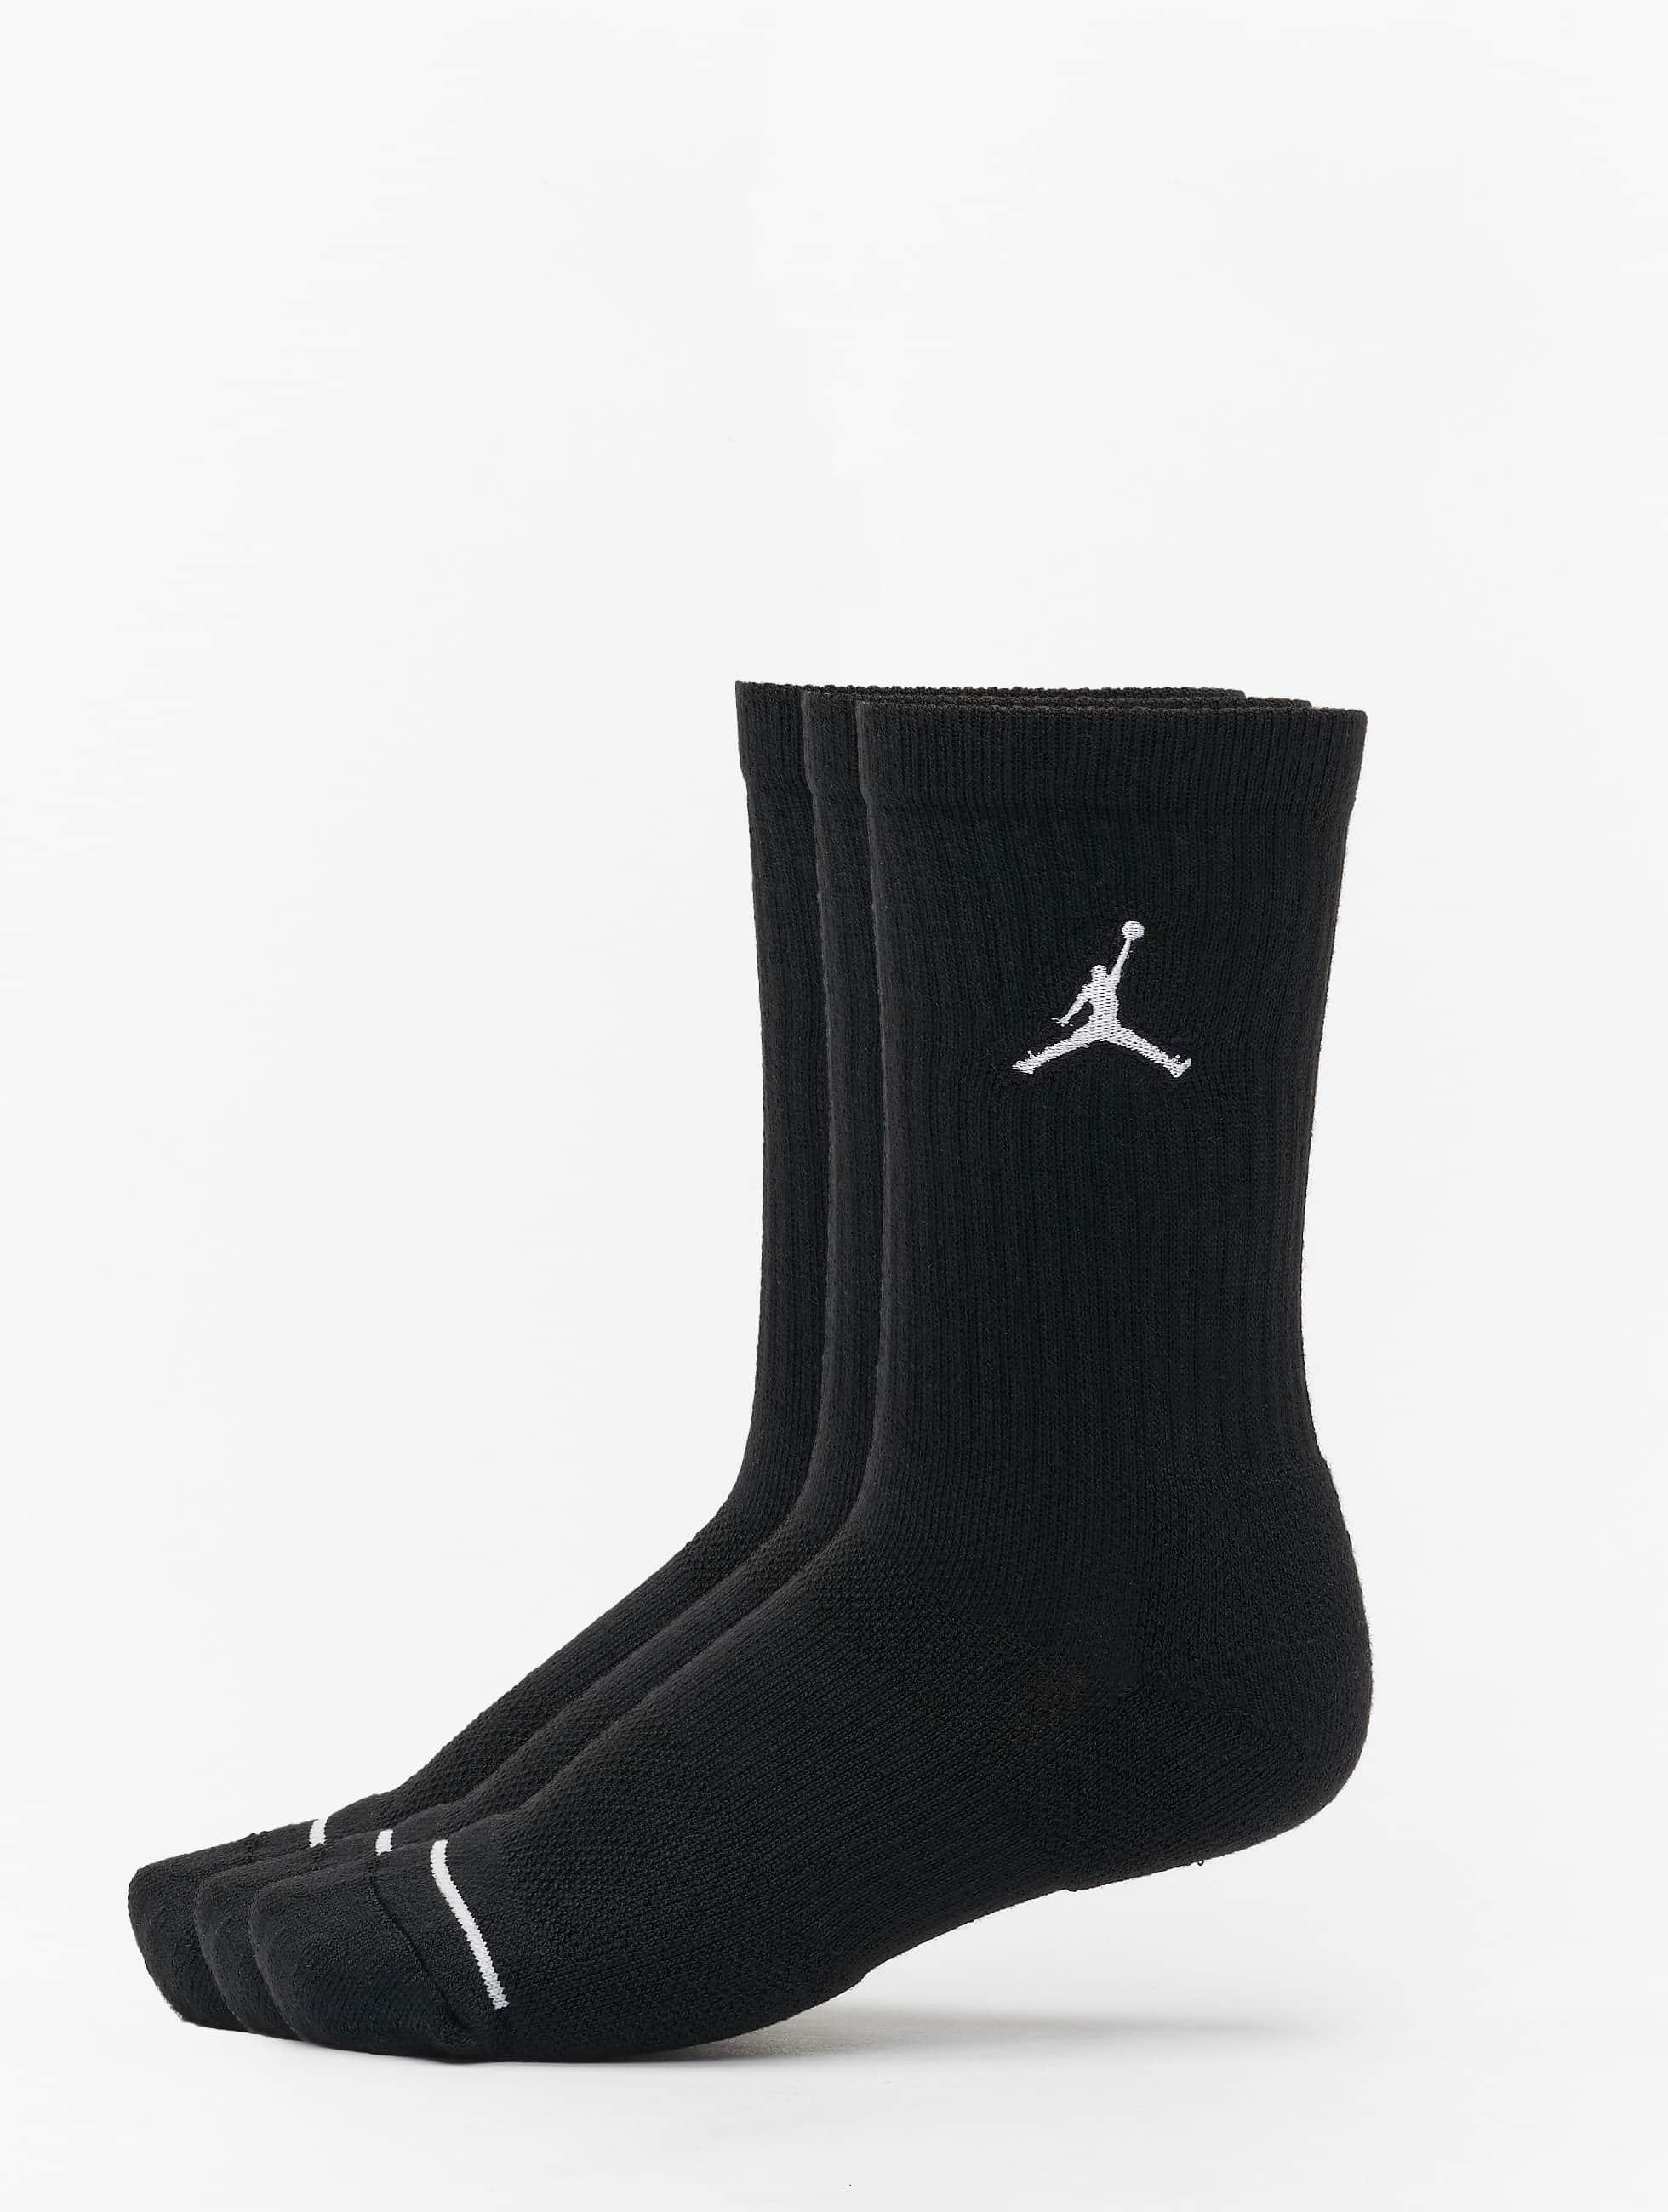 Jordan 3 Pack Cotton Crew noir Chaussettes